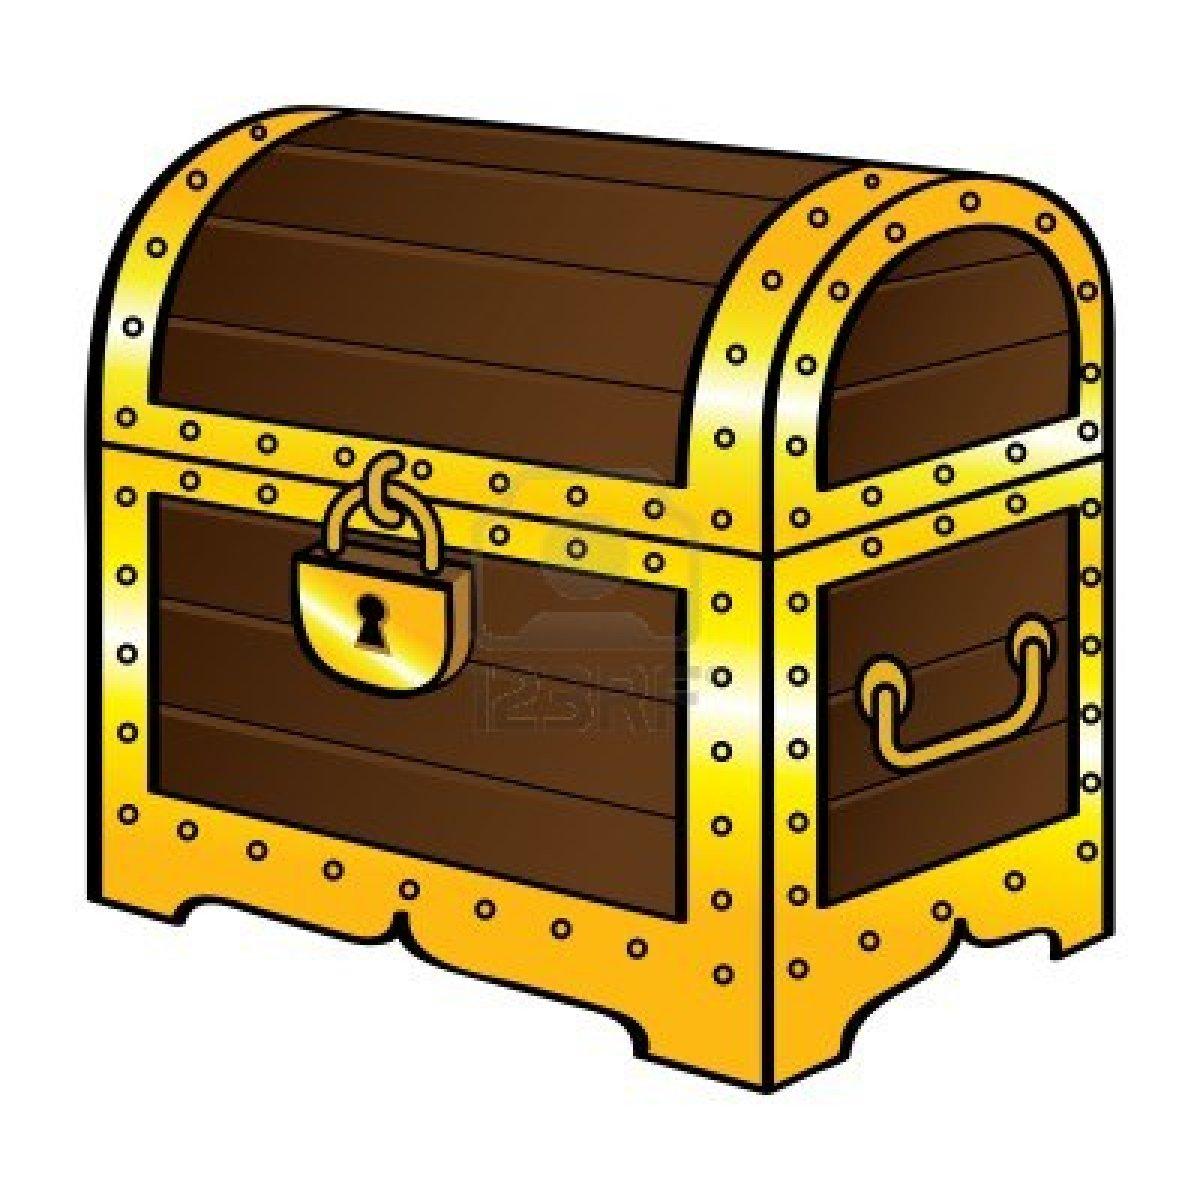 Closed Treasure Chest Clipart.